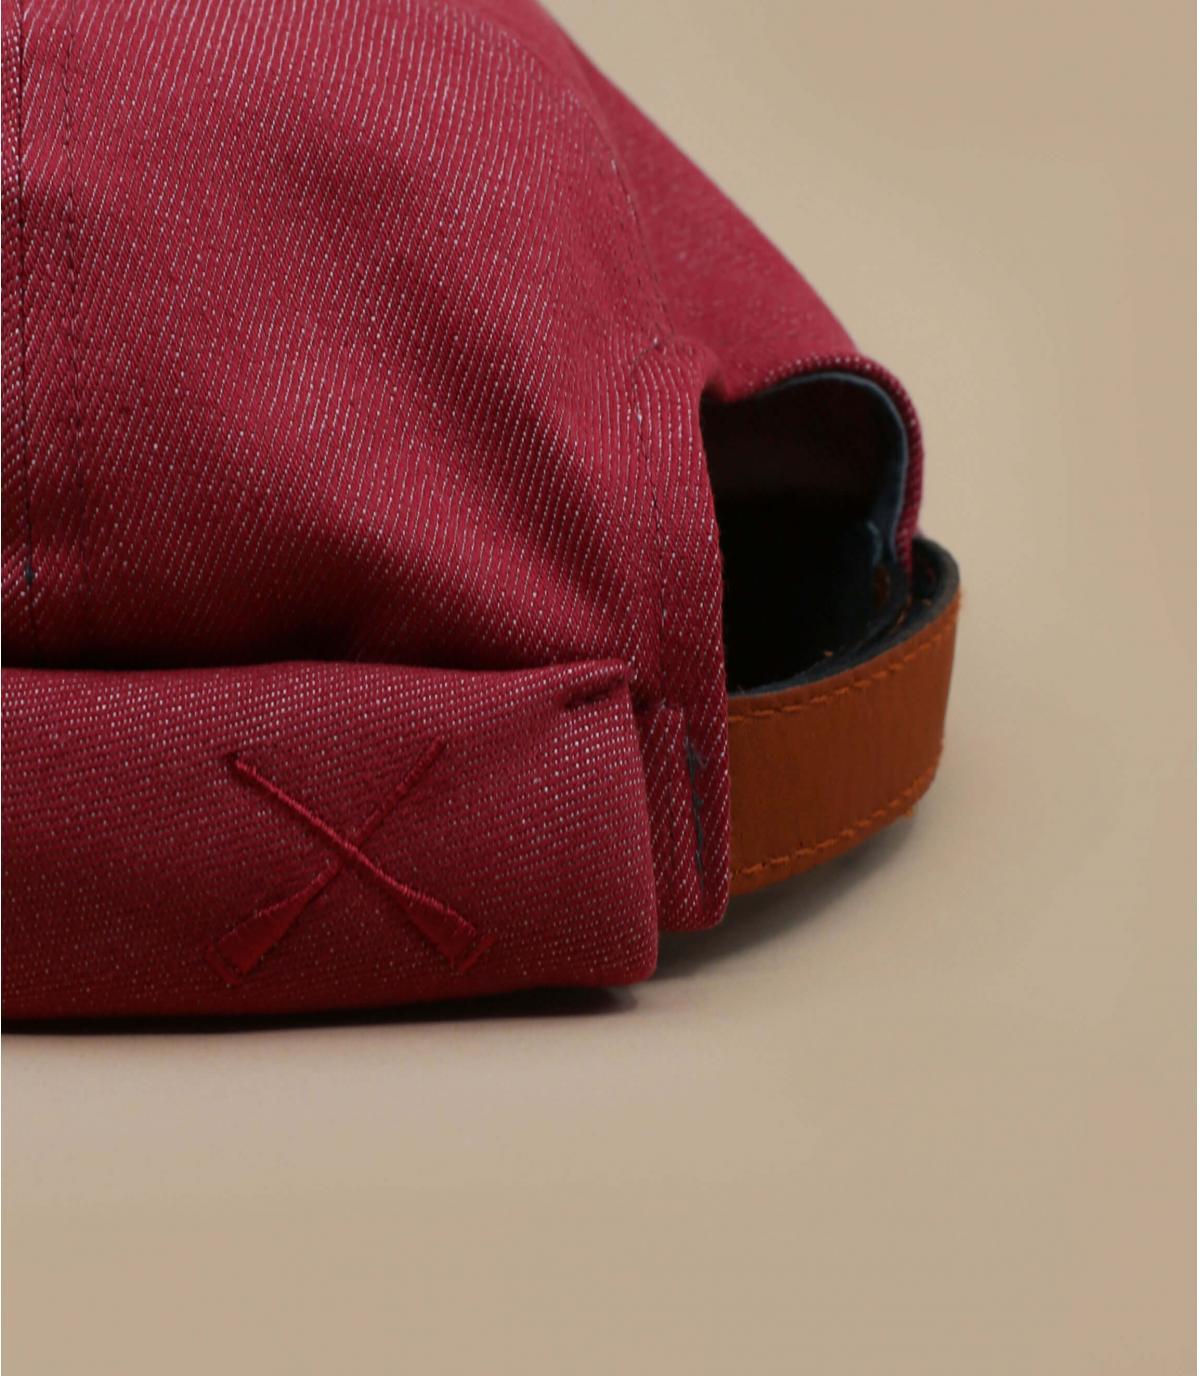 Details Miki red - Abbildung 3